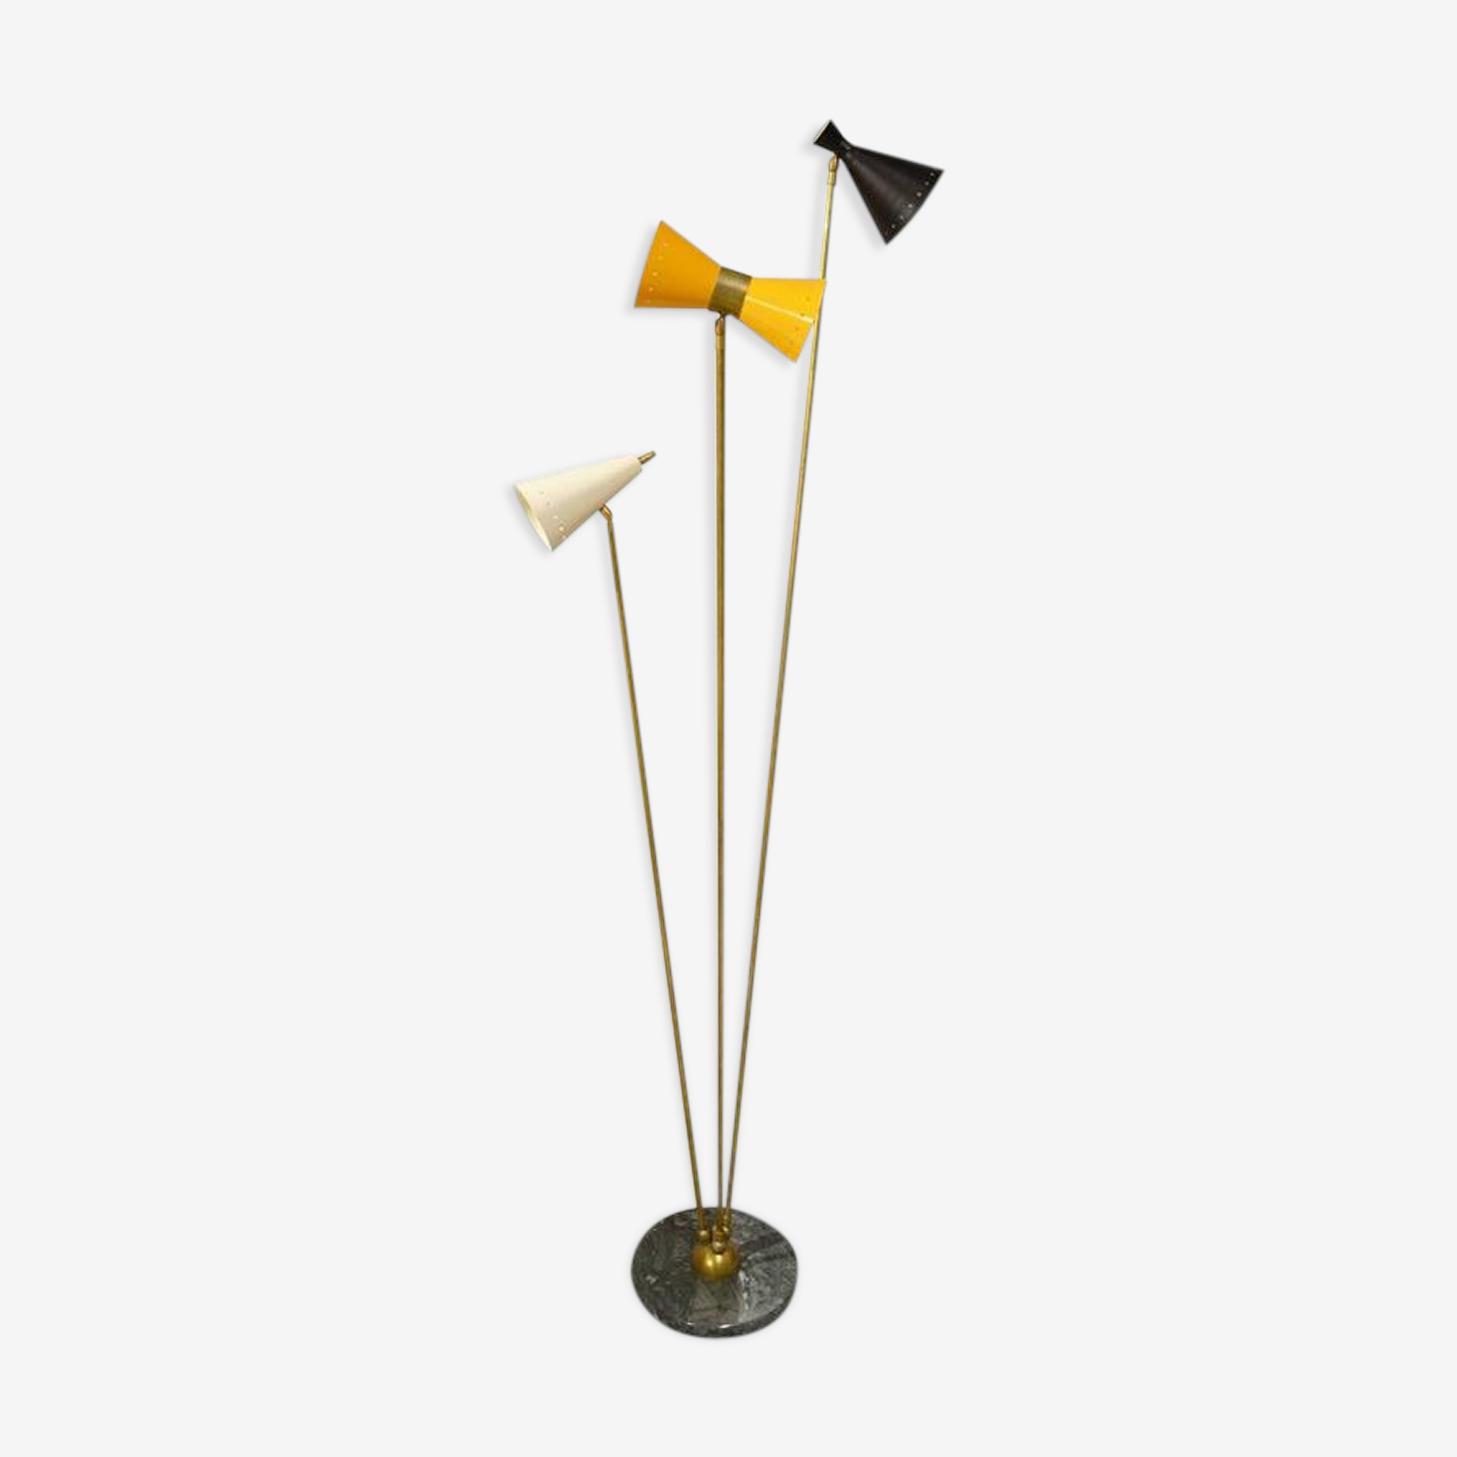 Lampadaire en laiton dans le style des créations italiennes des années 50